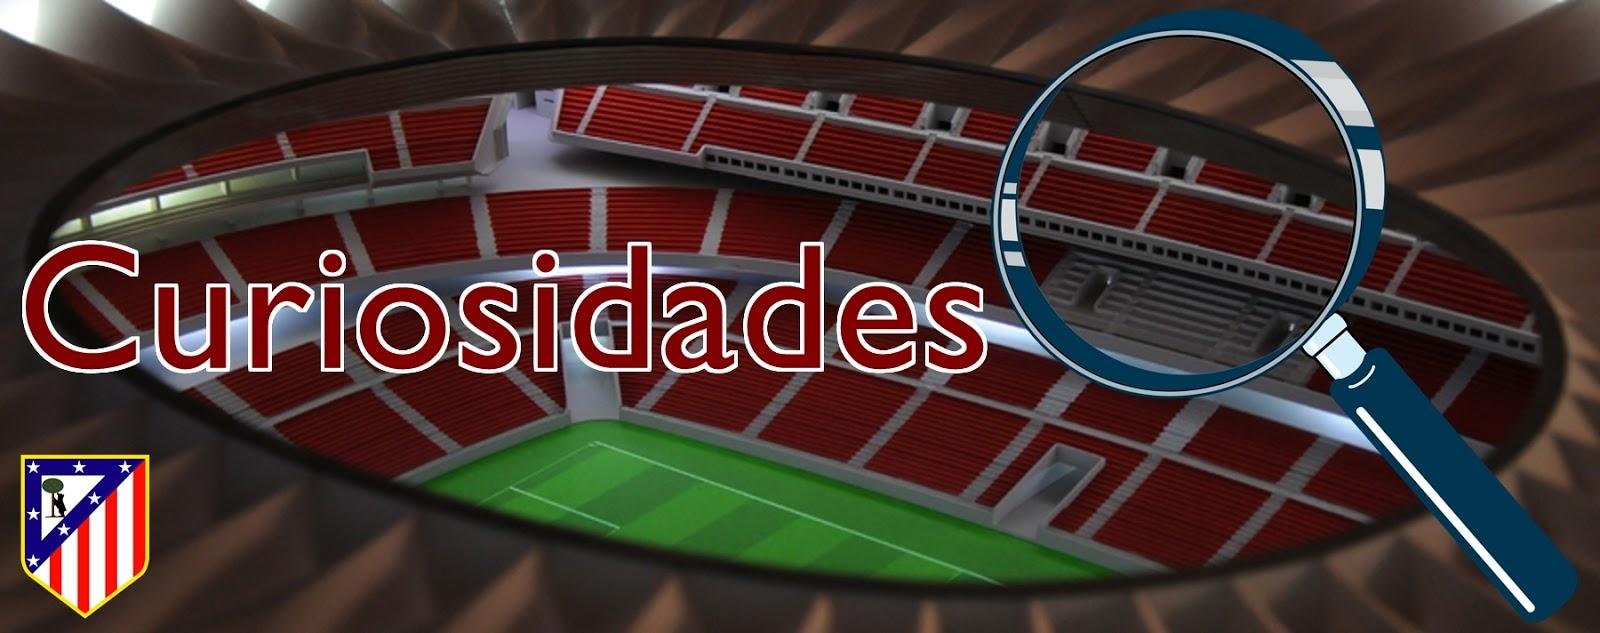 Nuevoestadioatleti: Nuevo estadio Club Atlético de Madrid (Wanda Metropolitano): Curiosidades